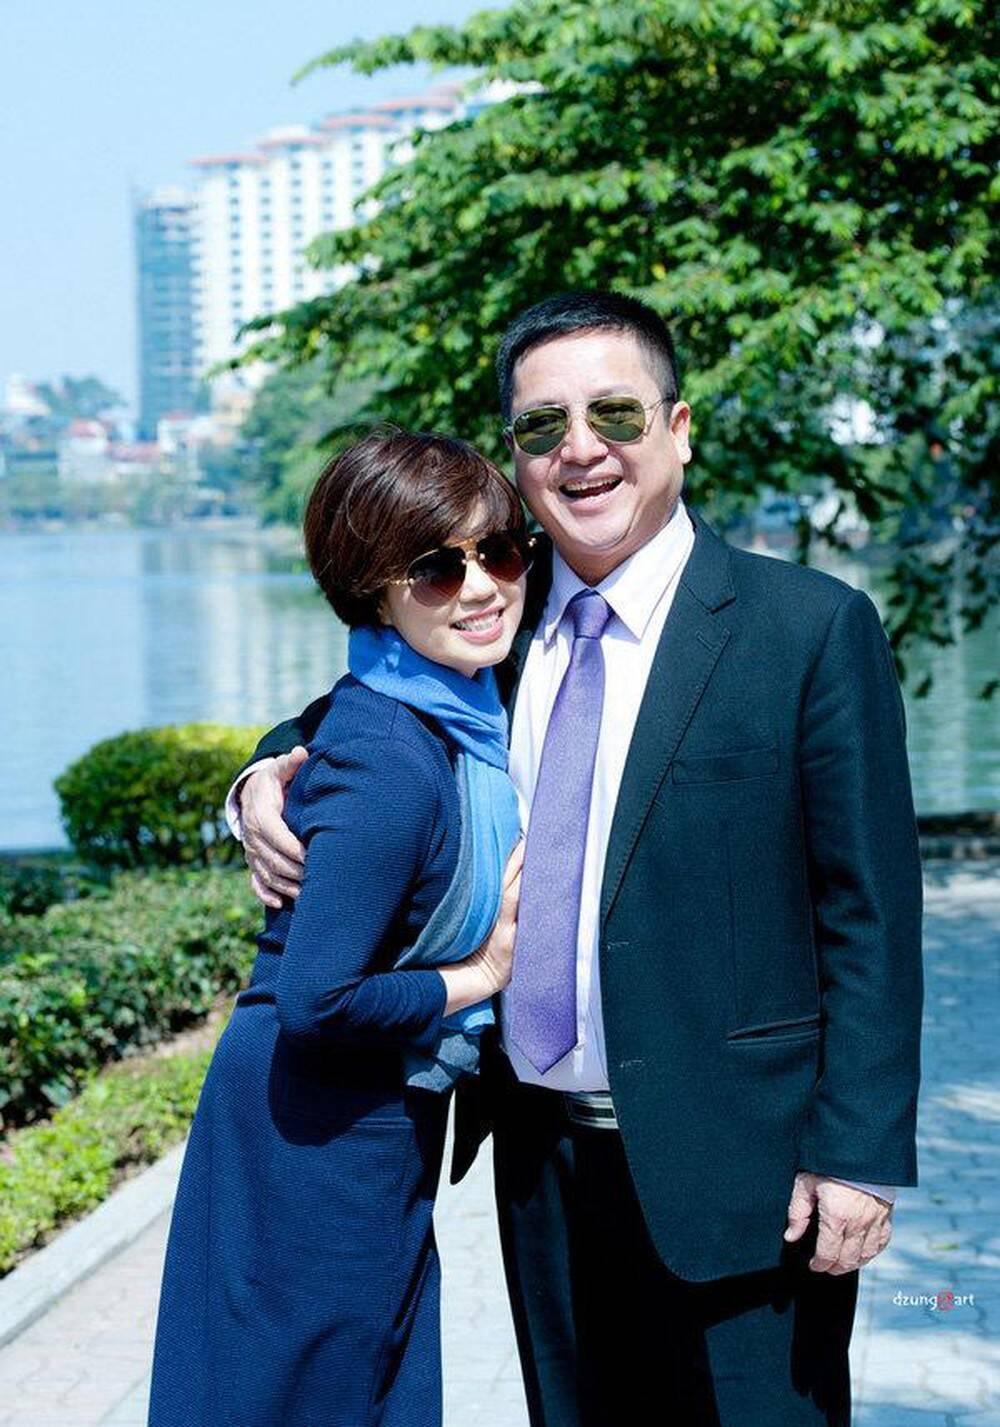 NSƯT Chí Trung: 'Đến bây giờ tôi vẫn không hiểu vì sao lại ly hôn với Ngọc Huyền' Ảnh 2